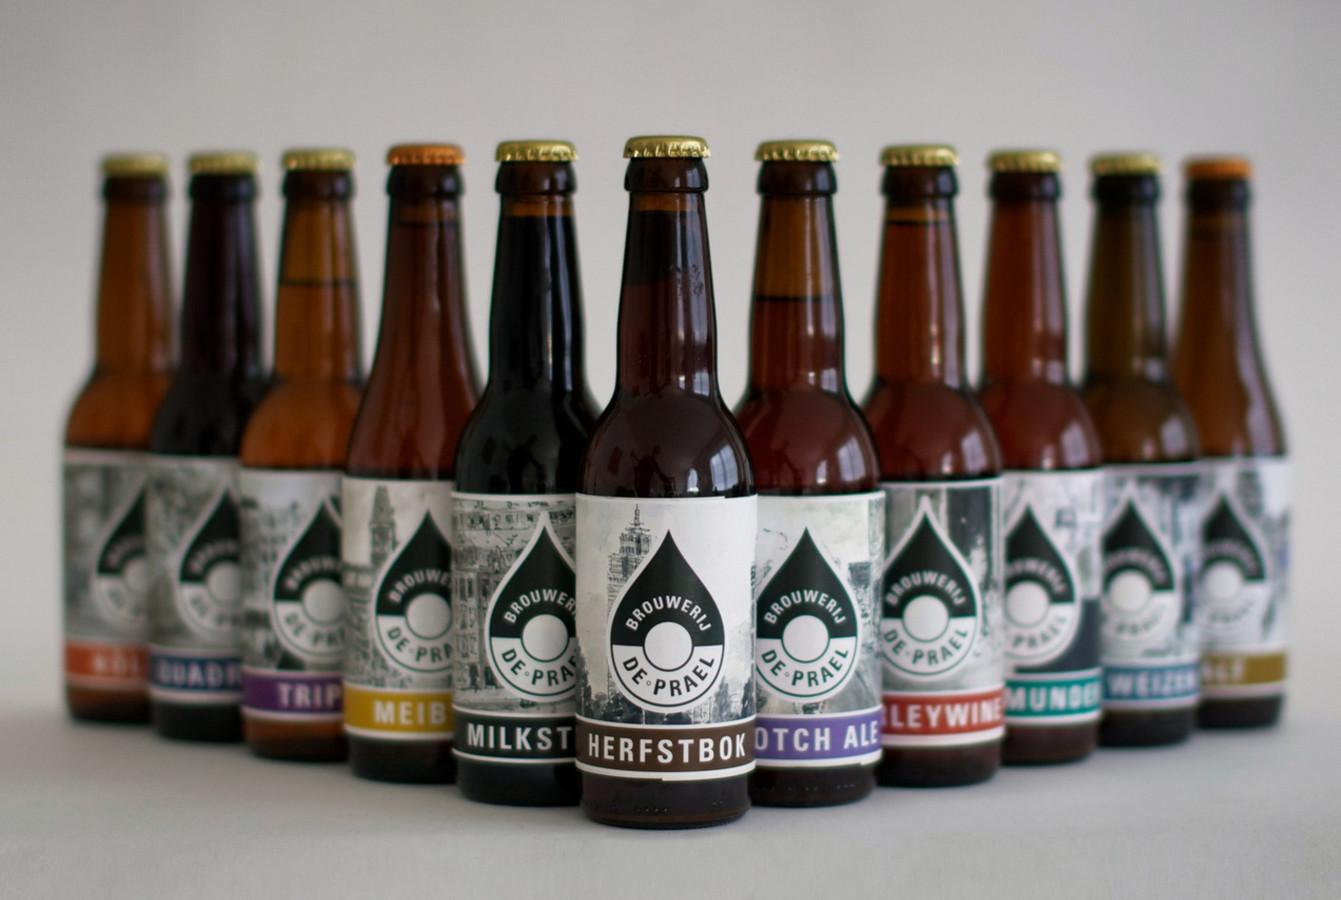 De bieren van brouwerij De Prael.